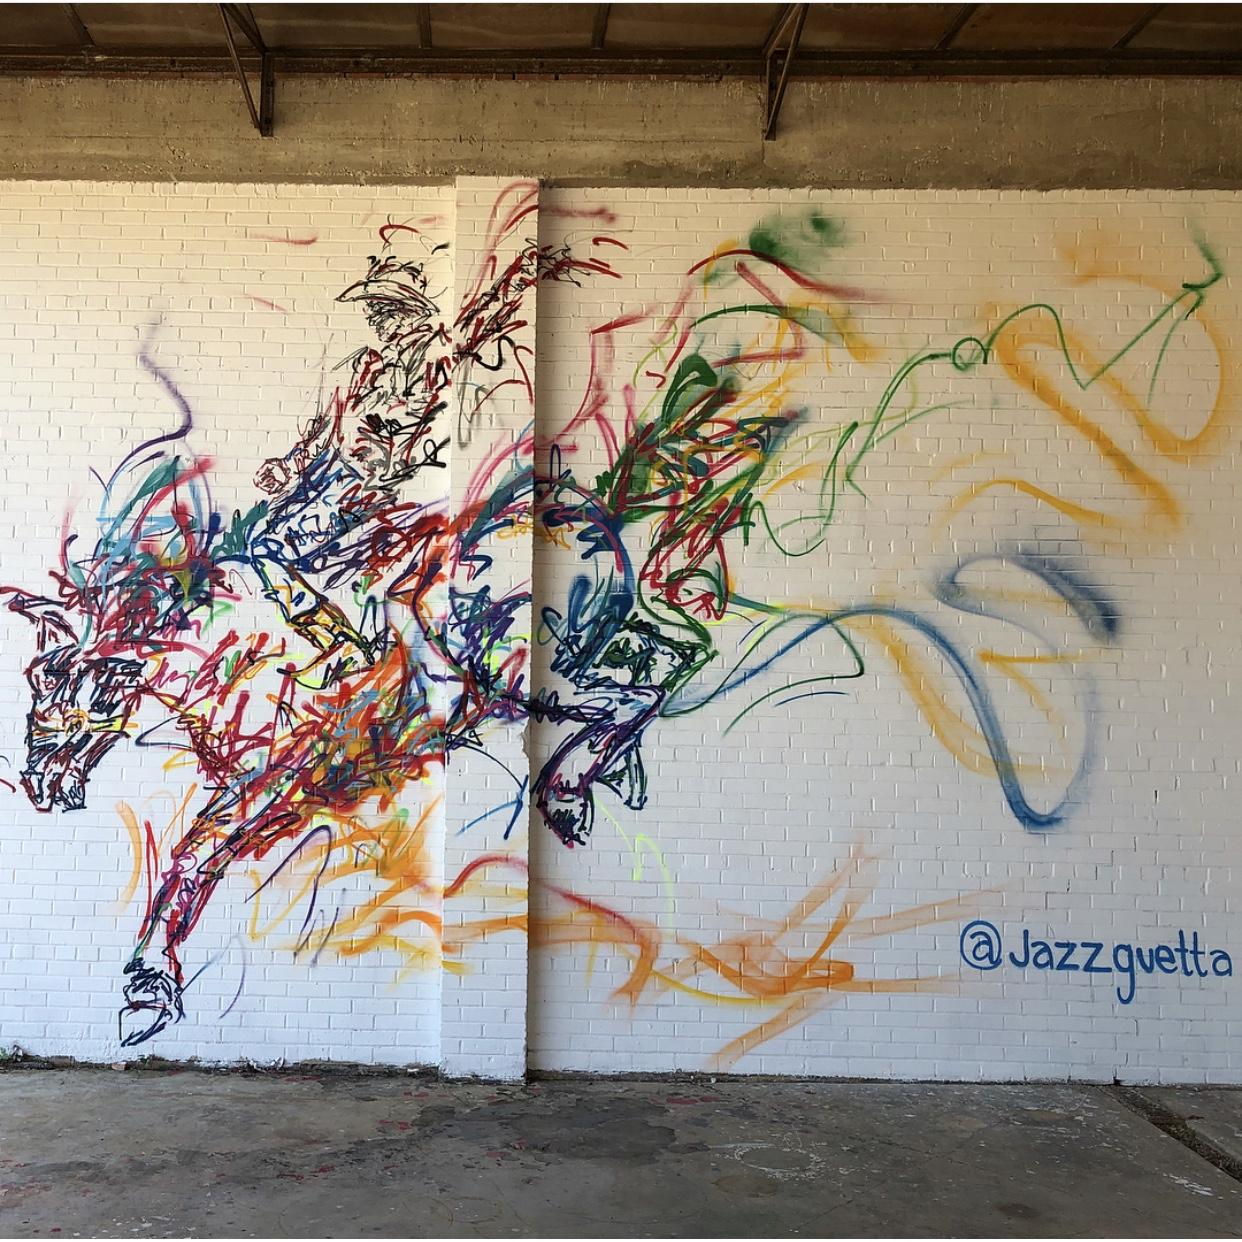 Jazz guetta (@jazzguetta)